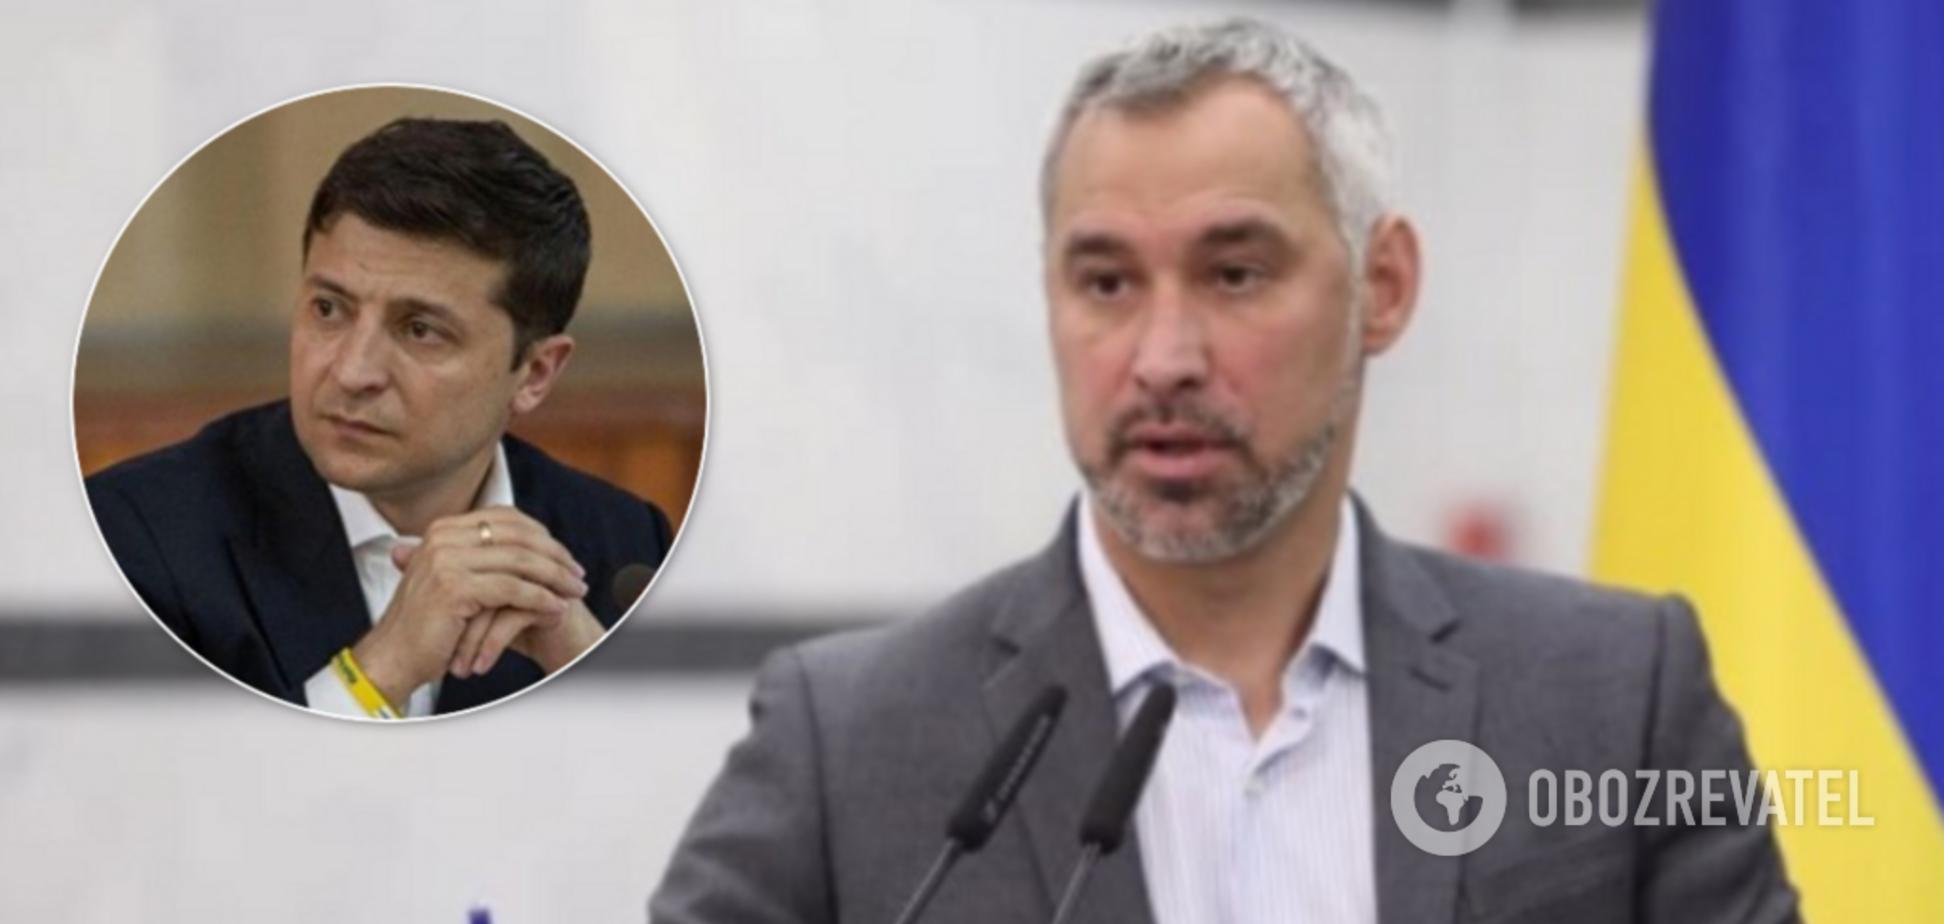 Рябошапка заявив про загрозу для Зеленського